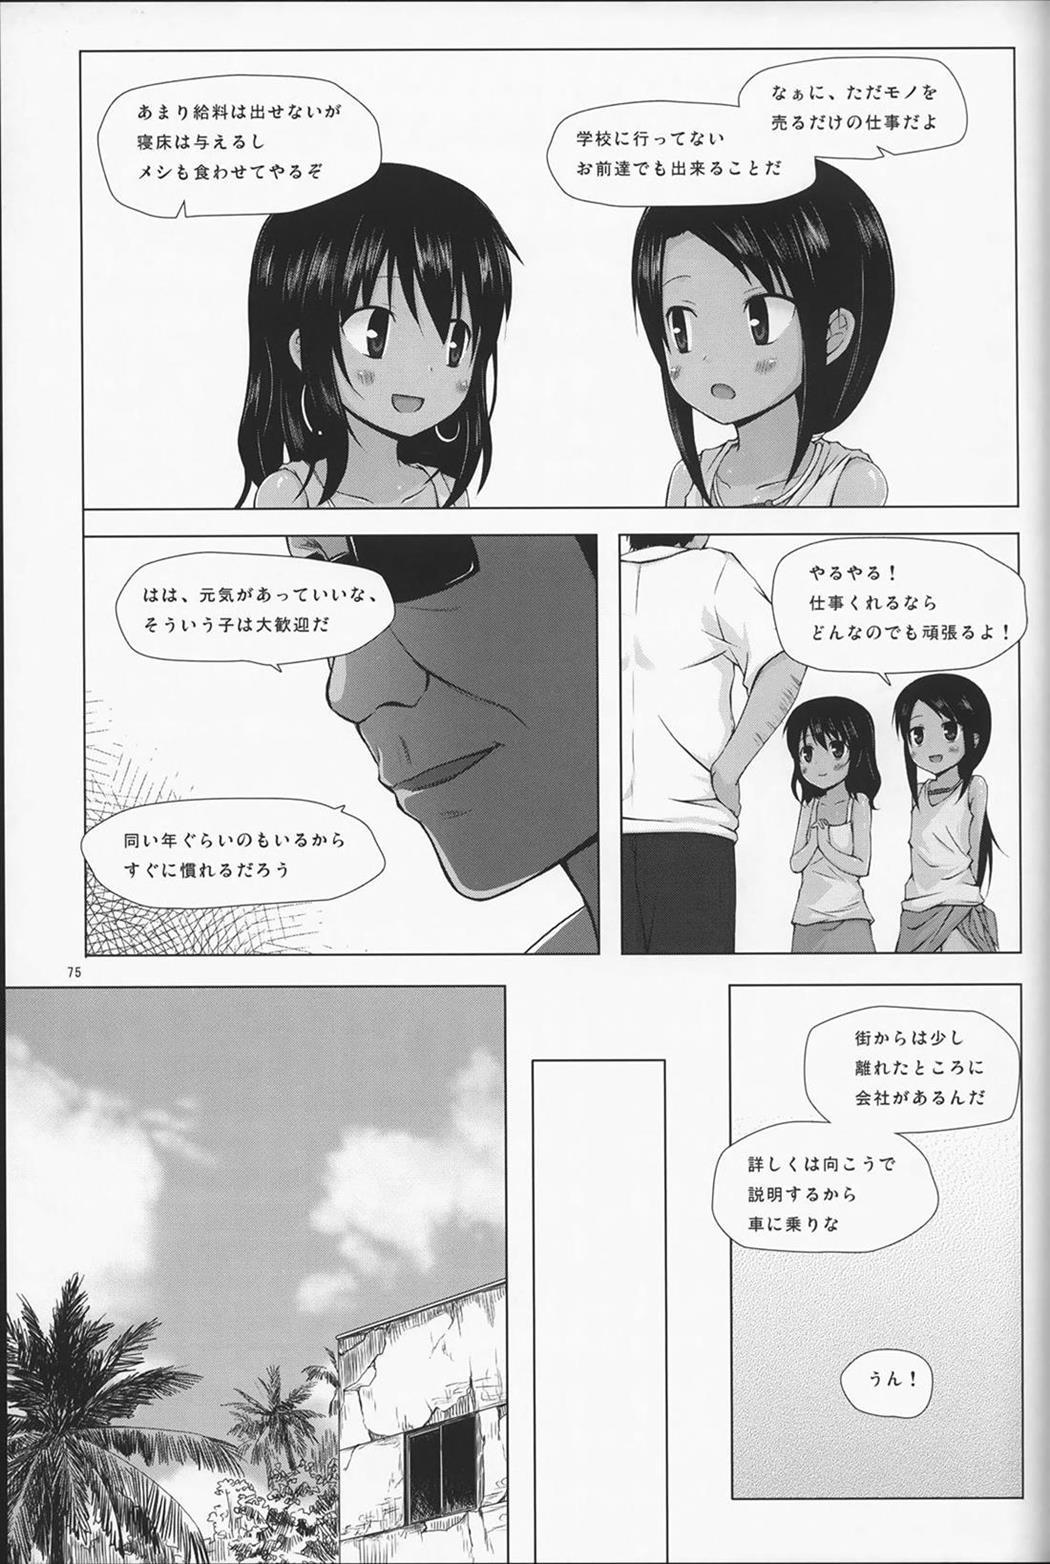 【エロ漫画・エロ同人誌】異国で父親に売られて売春する羽目になったロリ少女wひたすらお客とエッチしてる毎日を送ってたら日本人の男に助けられ日本に来てもセックス依存がぬけてないwww (75)